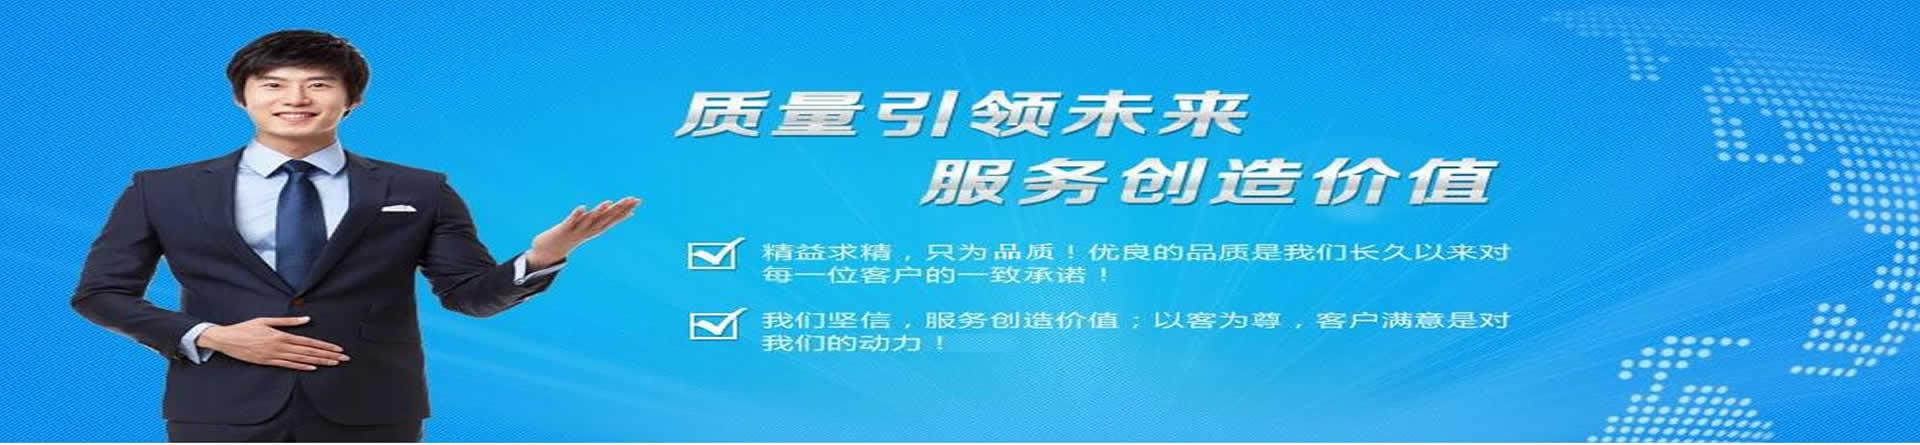 郑州朗星教育